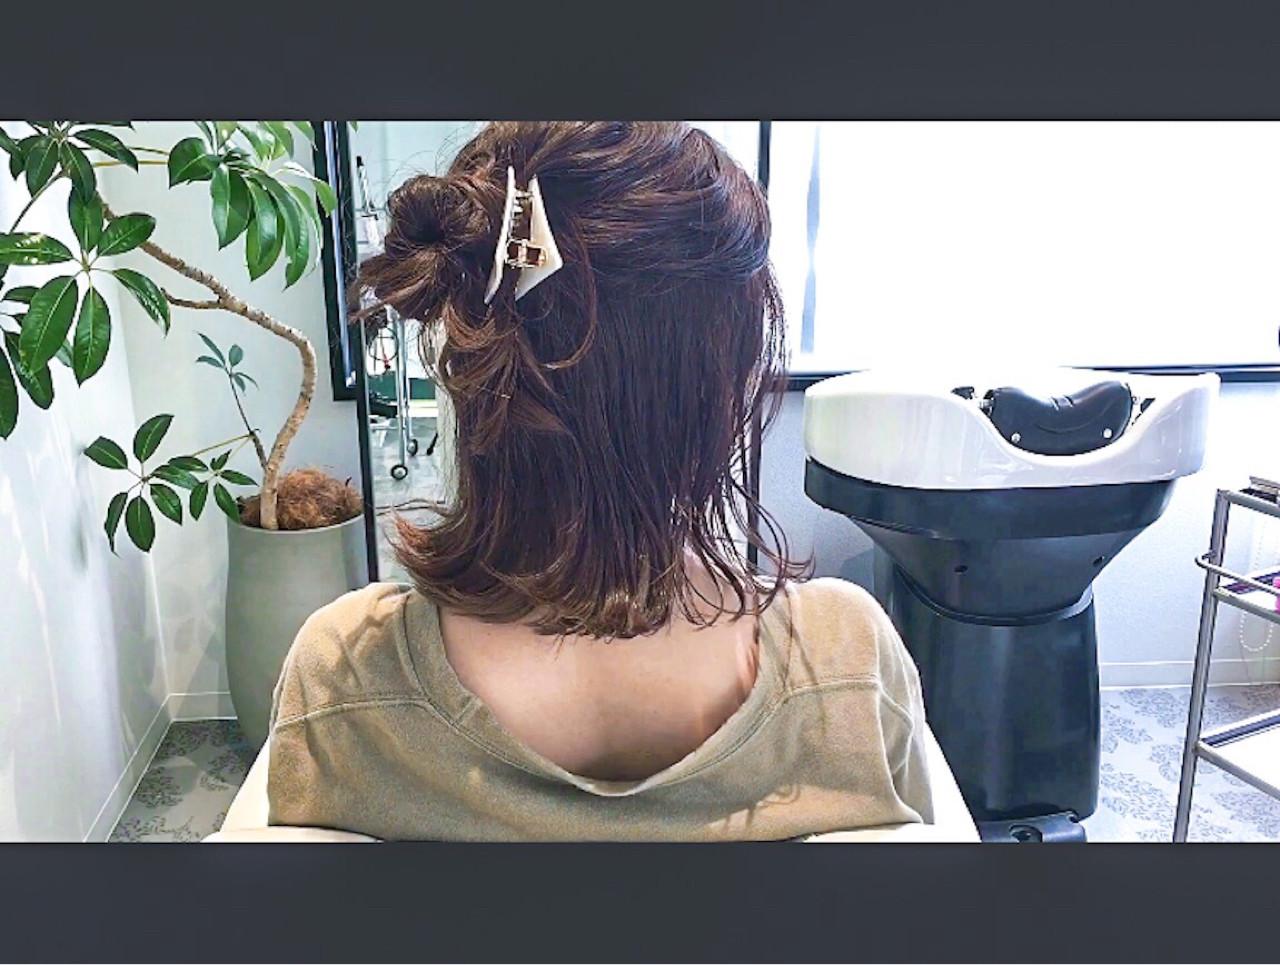 ミディアム セルフヘアアレンジ アウトドア 簡単ヘアアレンジ ヘアスタイルや髪型の写真・画像 | 美容師HIRO/Amoute代表 / Amoute/アムティ